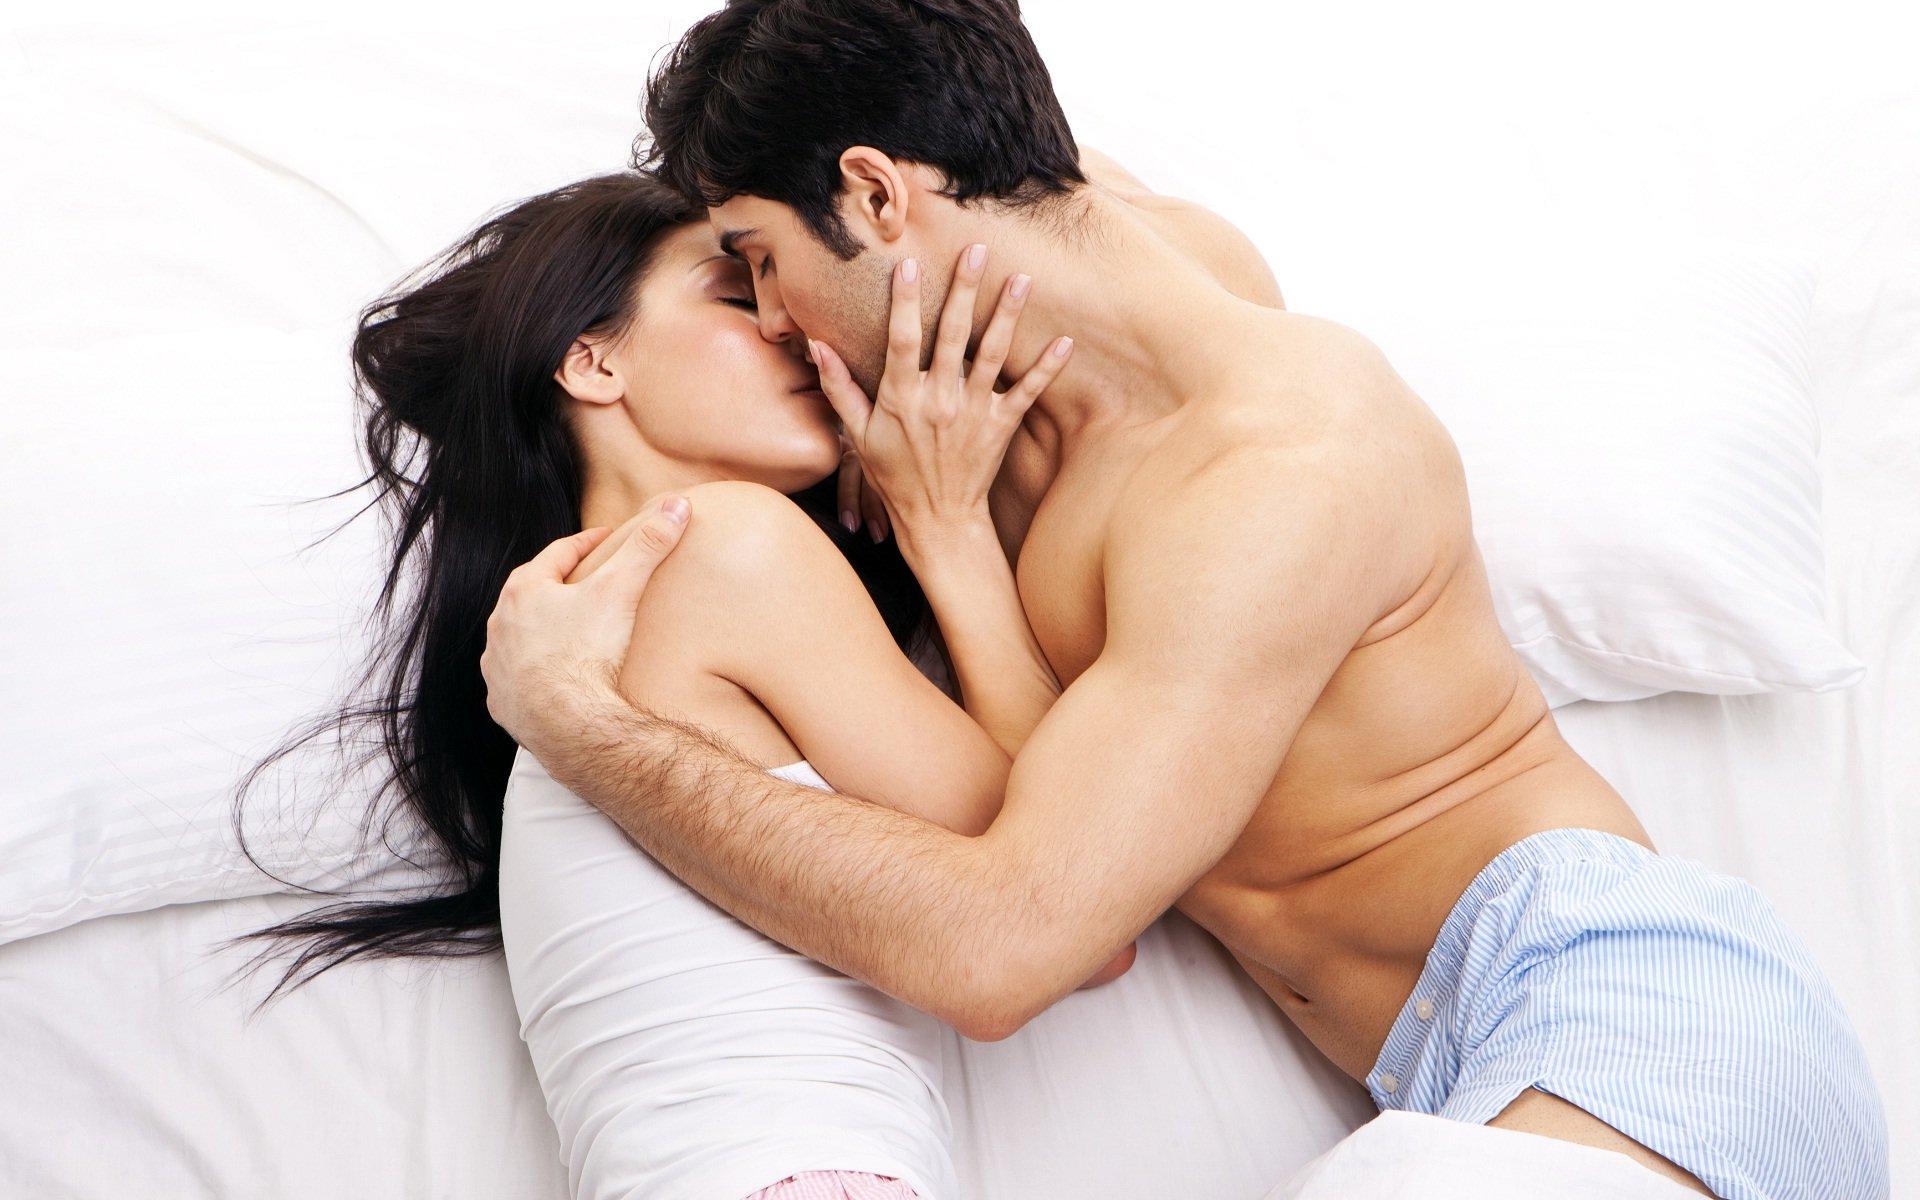 Смотреть секс между парами идея